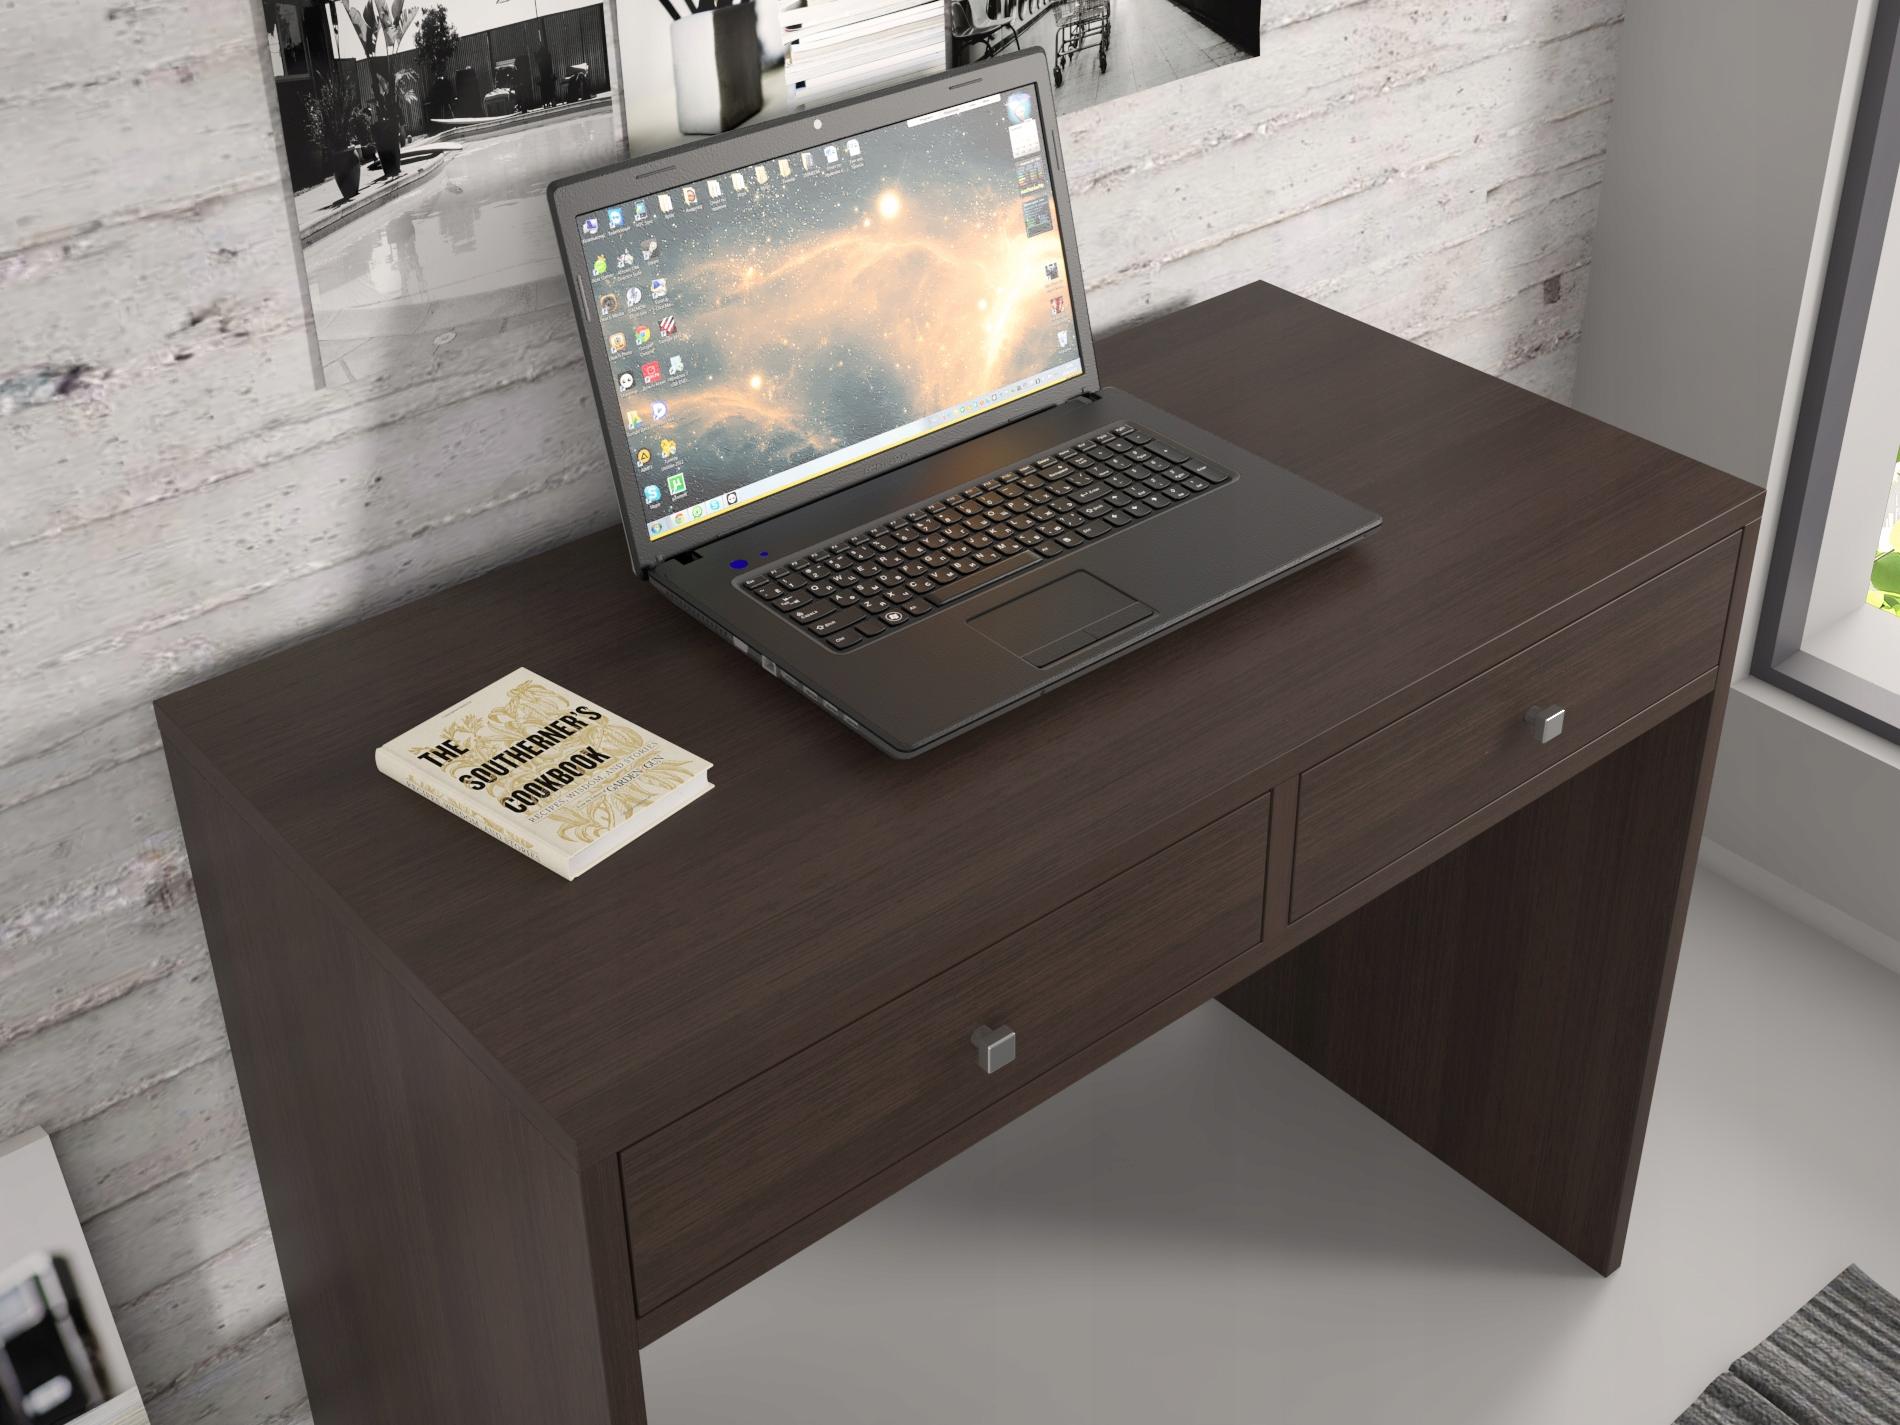 разработчика стол под ноутбук фото современного жилья